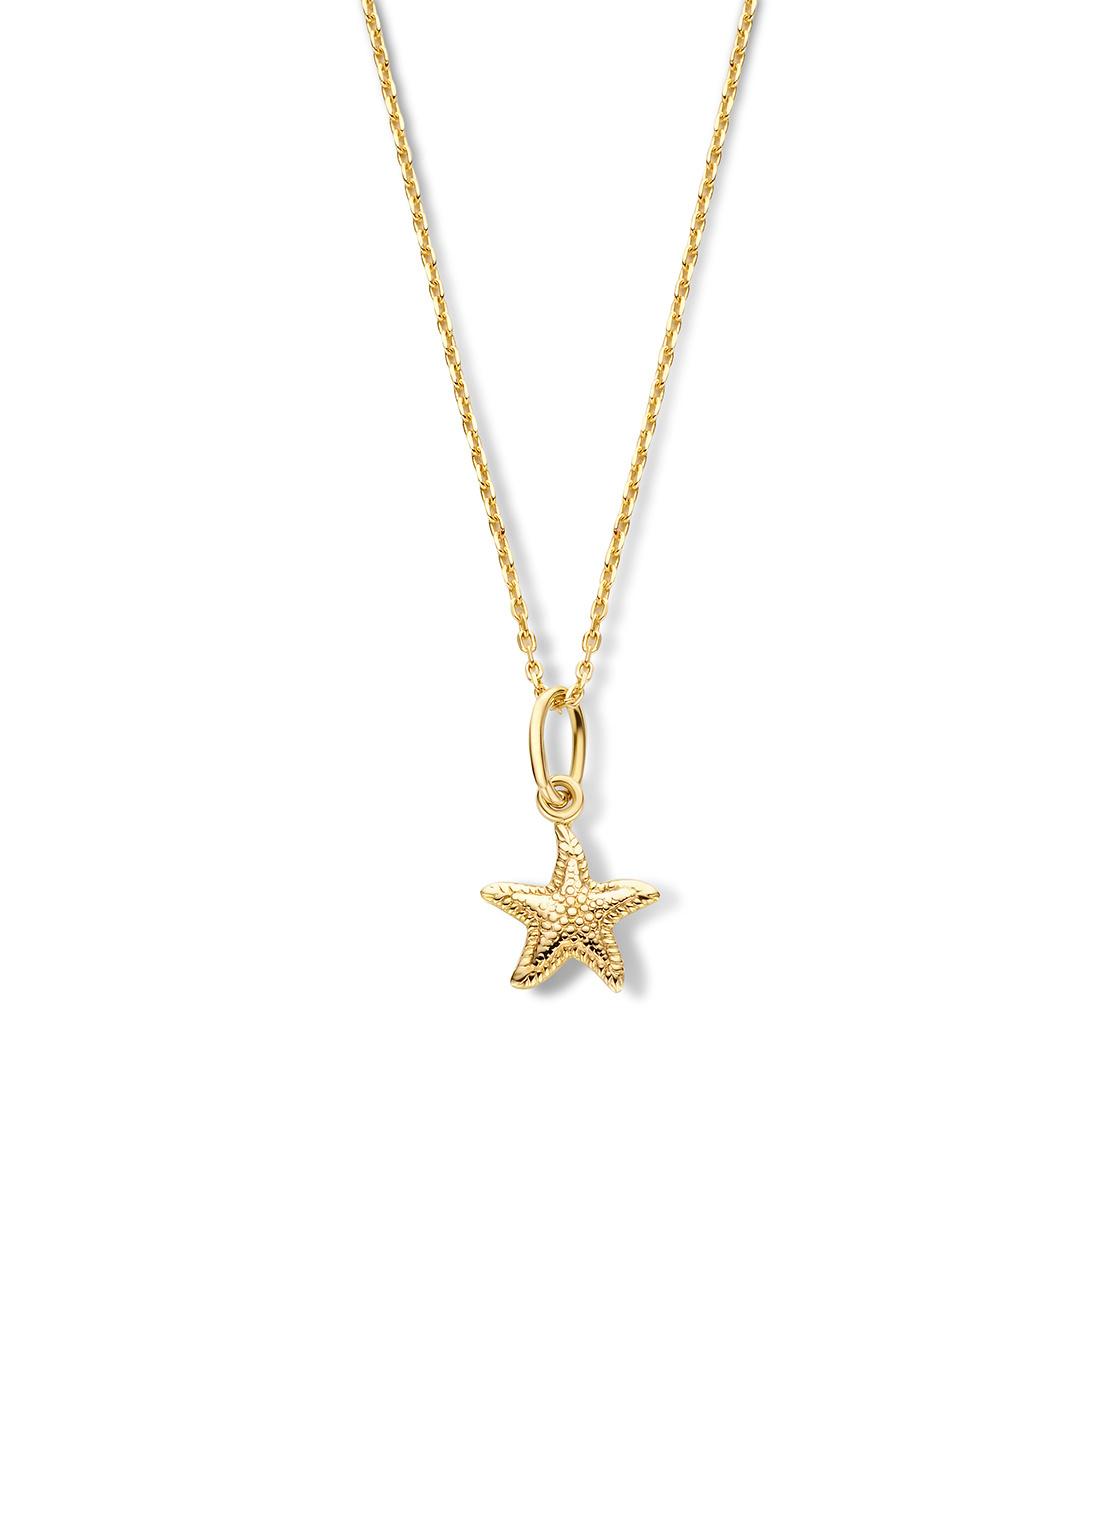 14 karaat geelgouden dames ketting met Starfish - Jackie-1